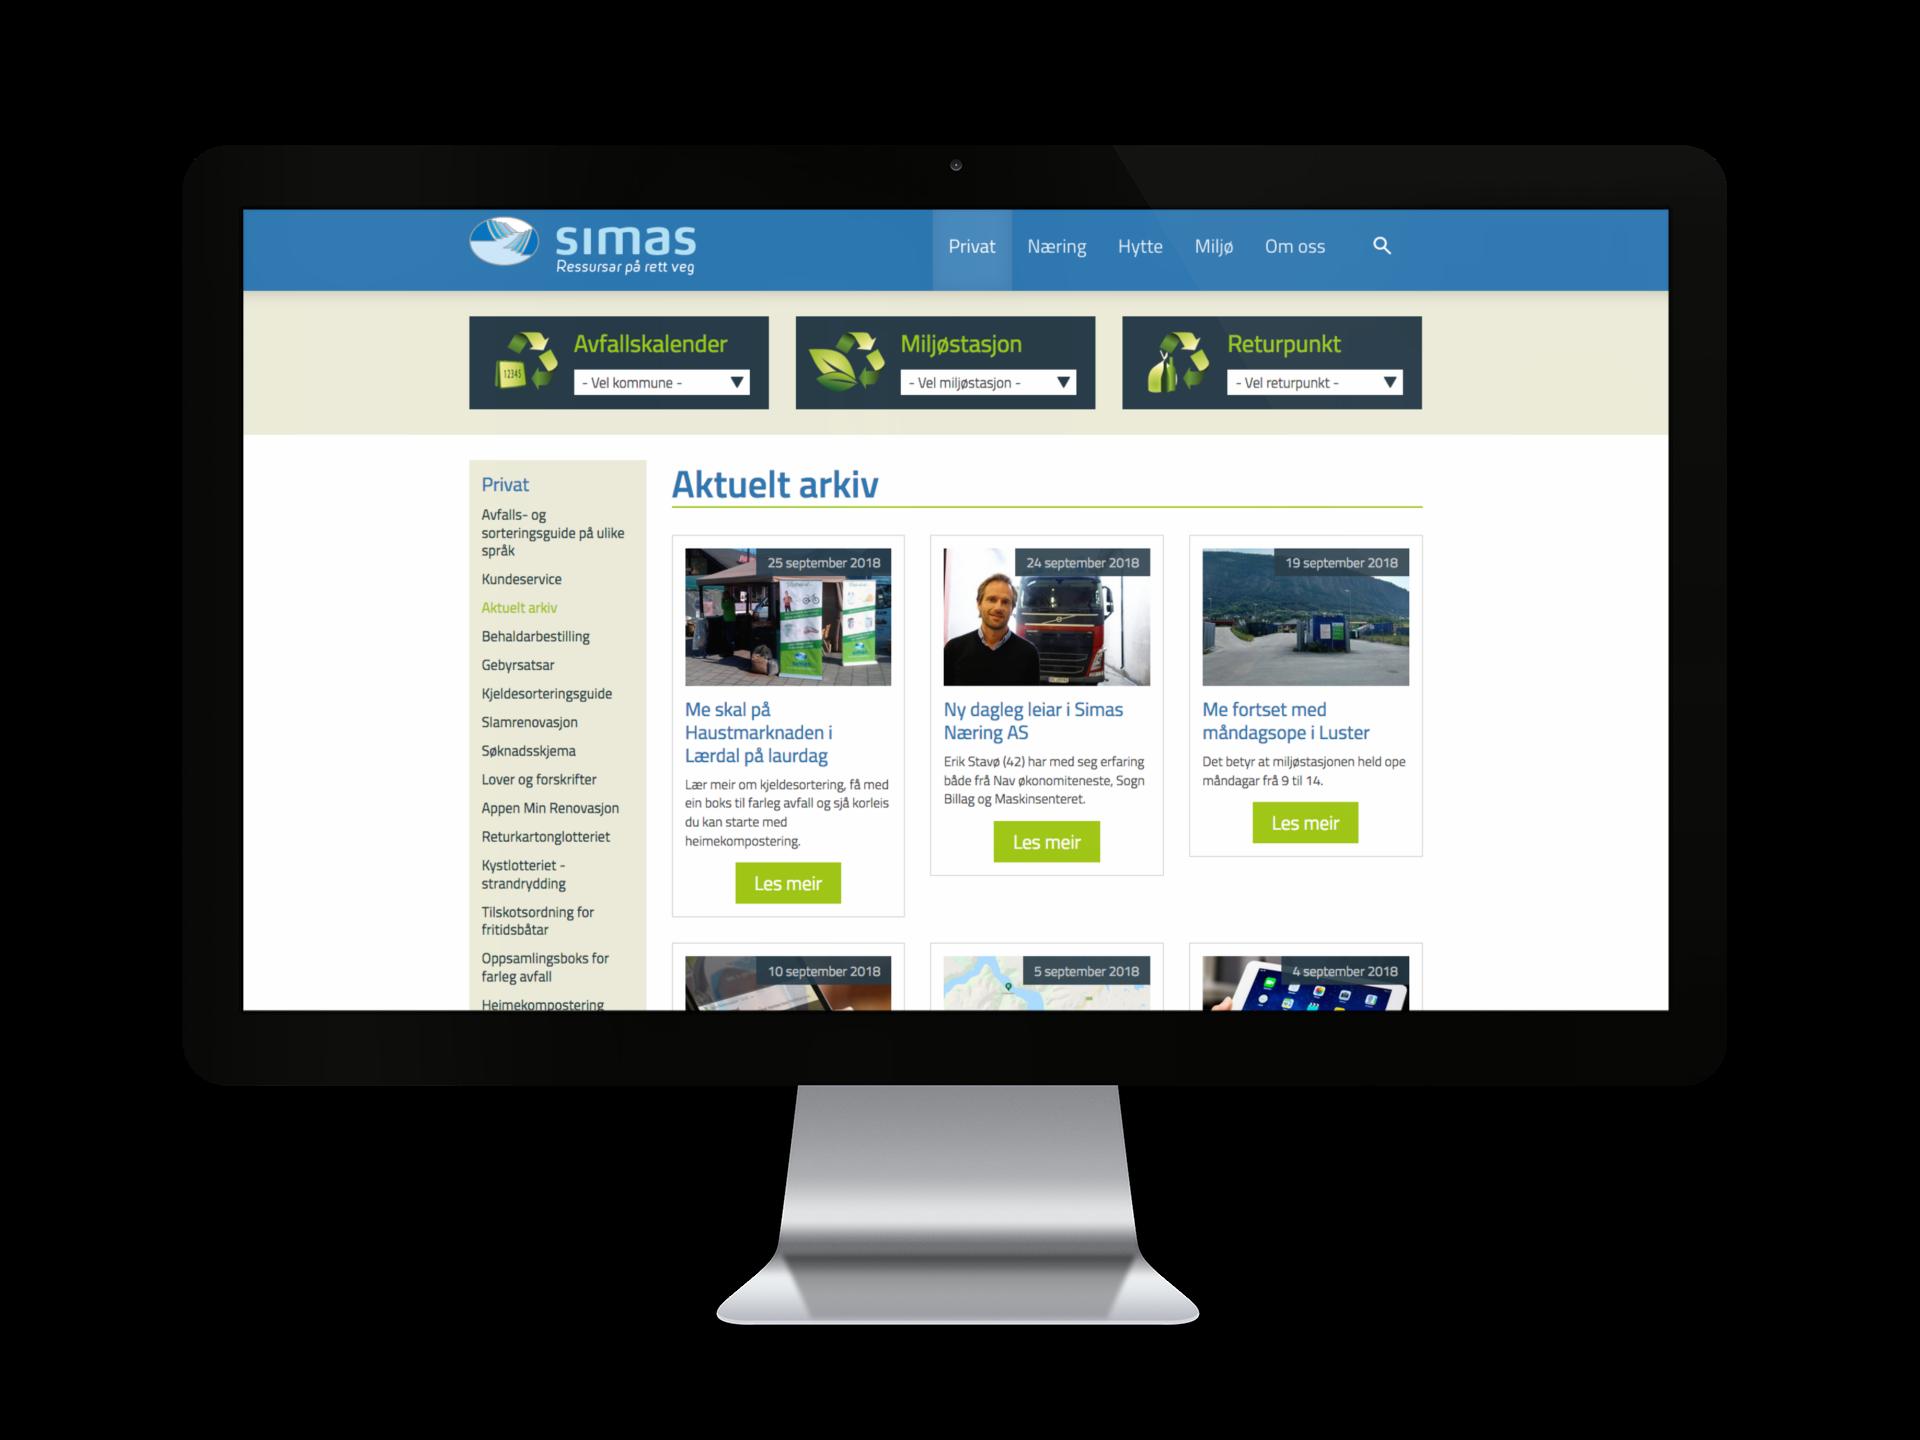 SIMAS - Sogn interkommunale miljø- og avfallselskap ønskja å bli meir synleg på nett, redusere informasjon til sin abbonnentar på papir og i auka grad kunne kommunisere med kundene på nett.Drople har utarbeida ein strategiplan for nettside og sosiale medium. Med jamnleg innhaldsproduksjon, auka stadig følgjarar på sosiale medium, dei har auka trafikk til nettsida og dei kan kommunisere direkte ved hjelp av kommentarar, meldingar.